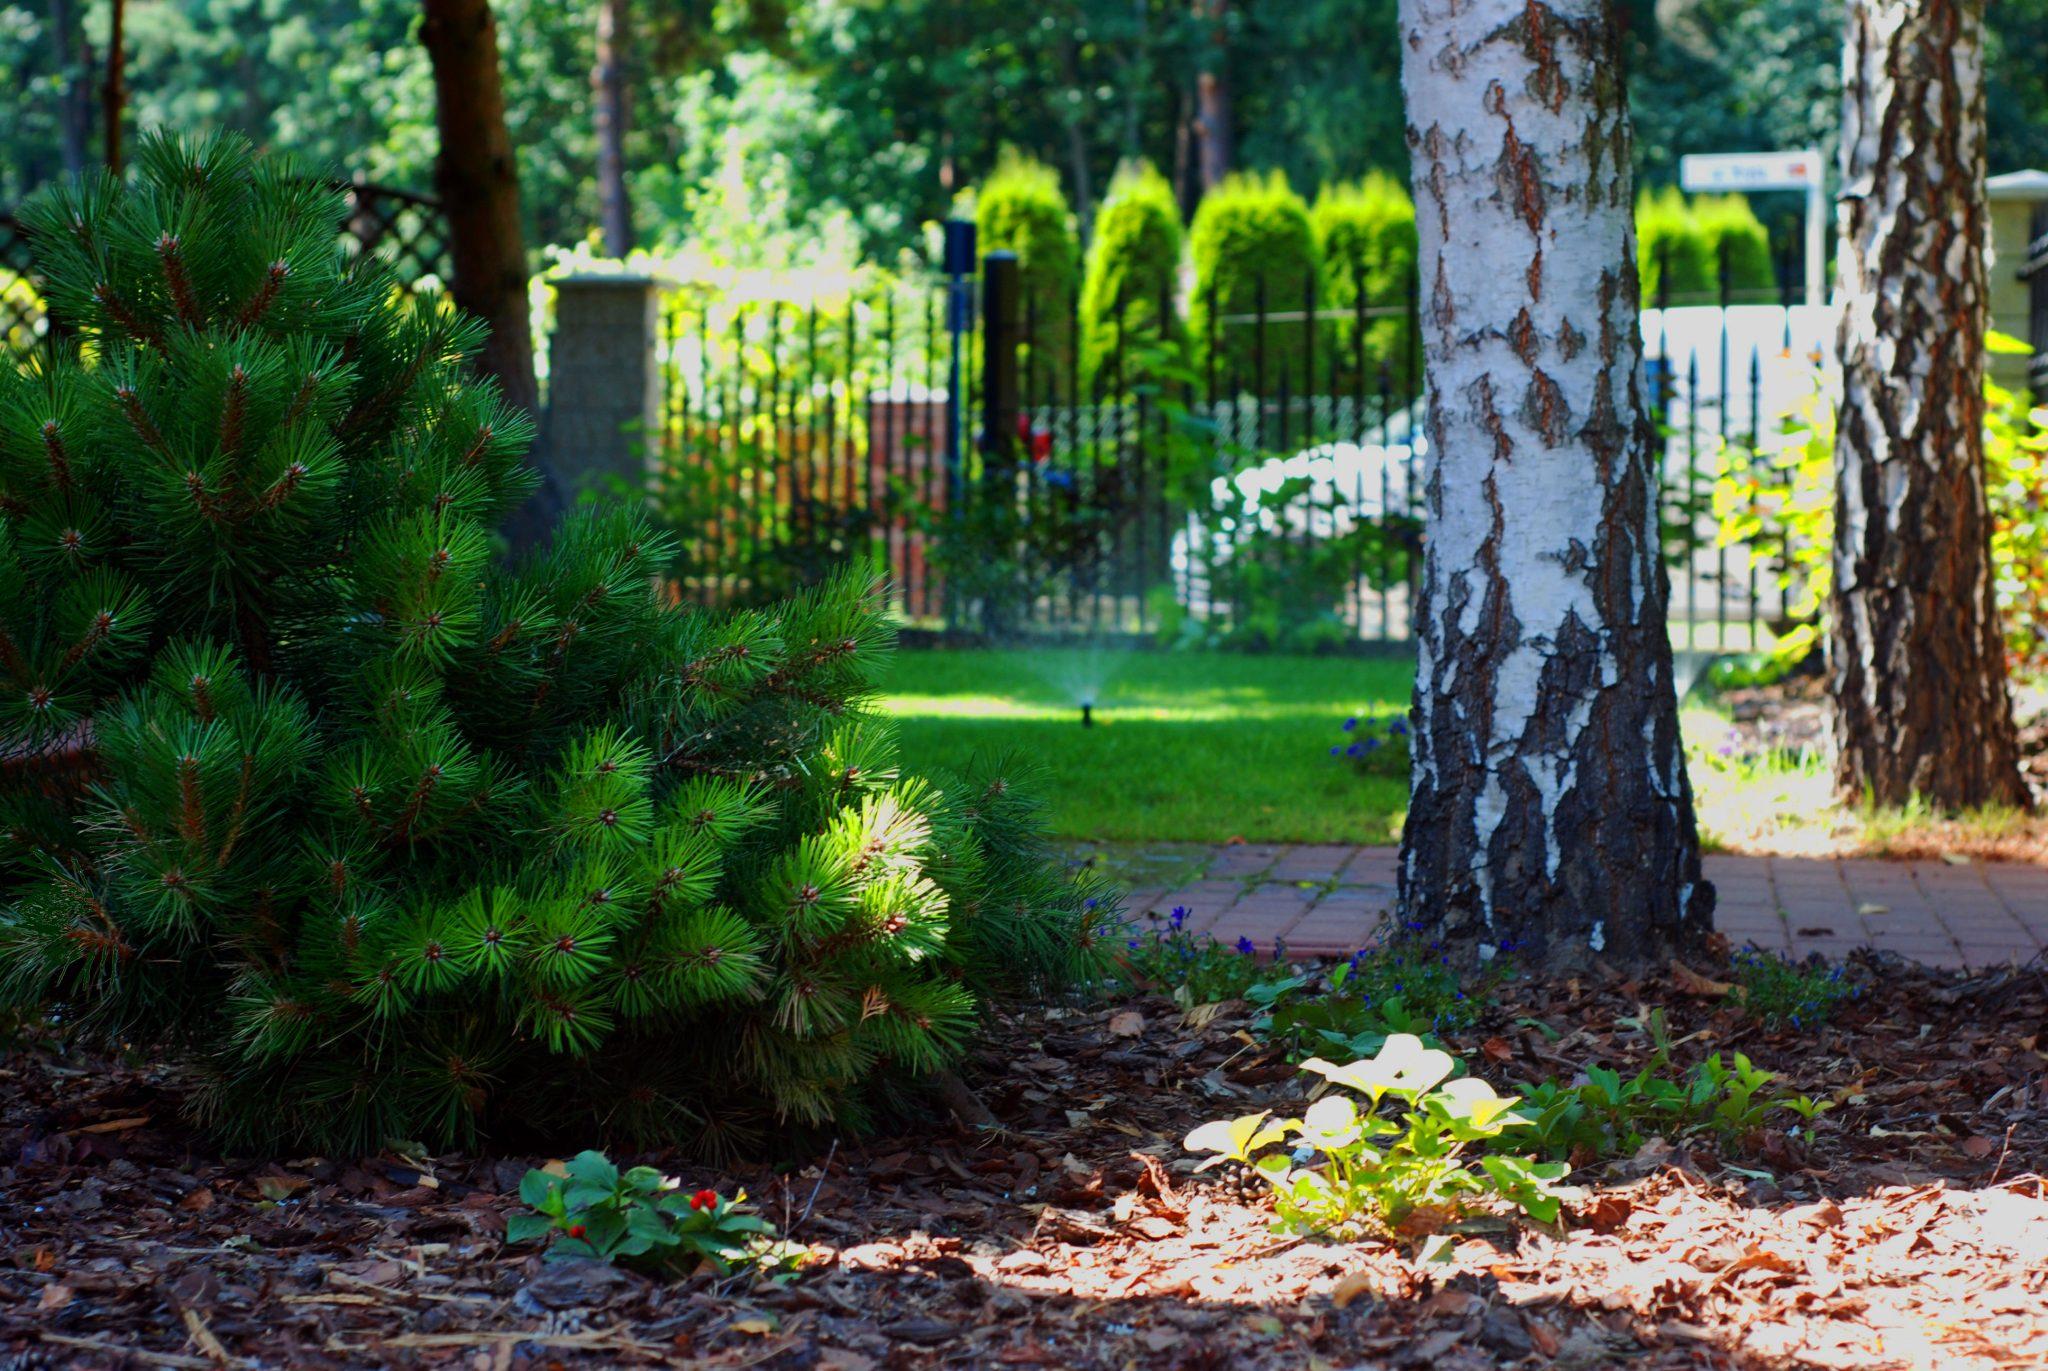 Dobry Ogród Ogród z dębami tle